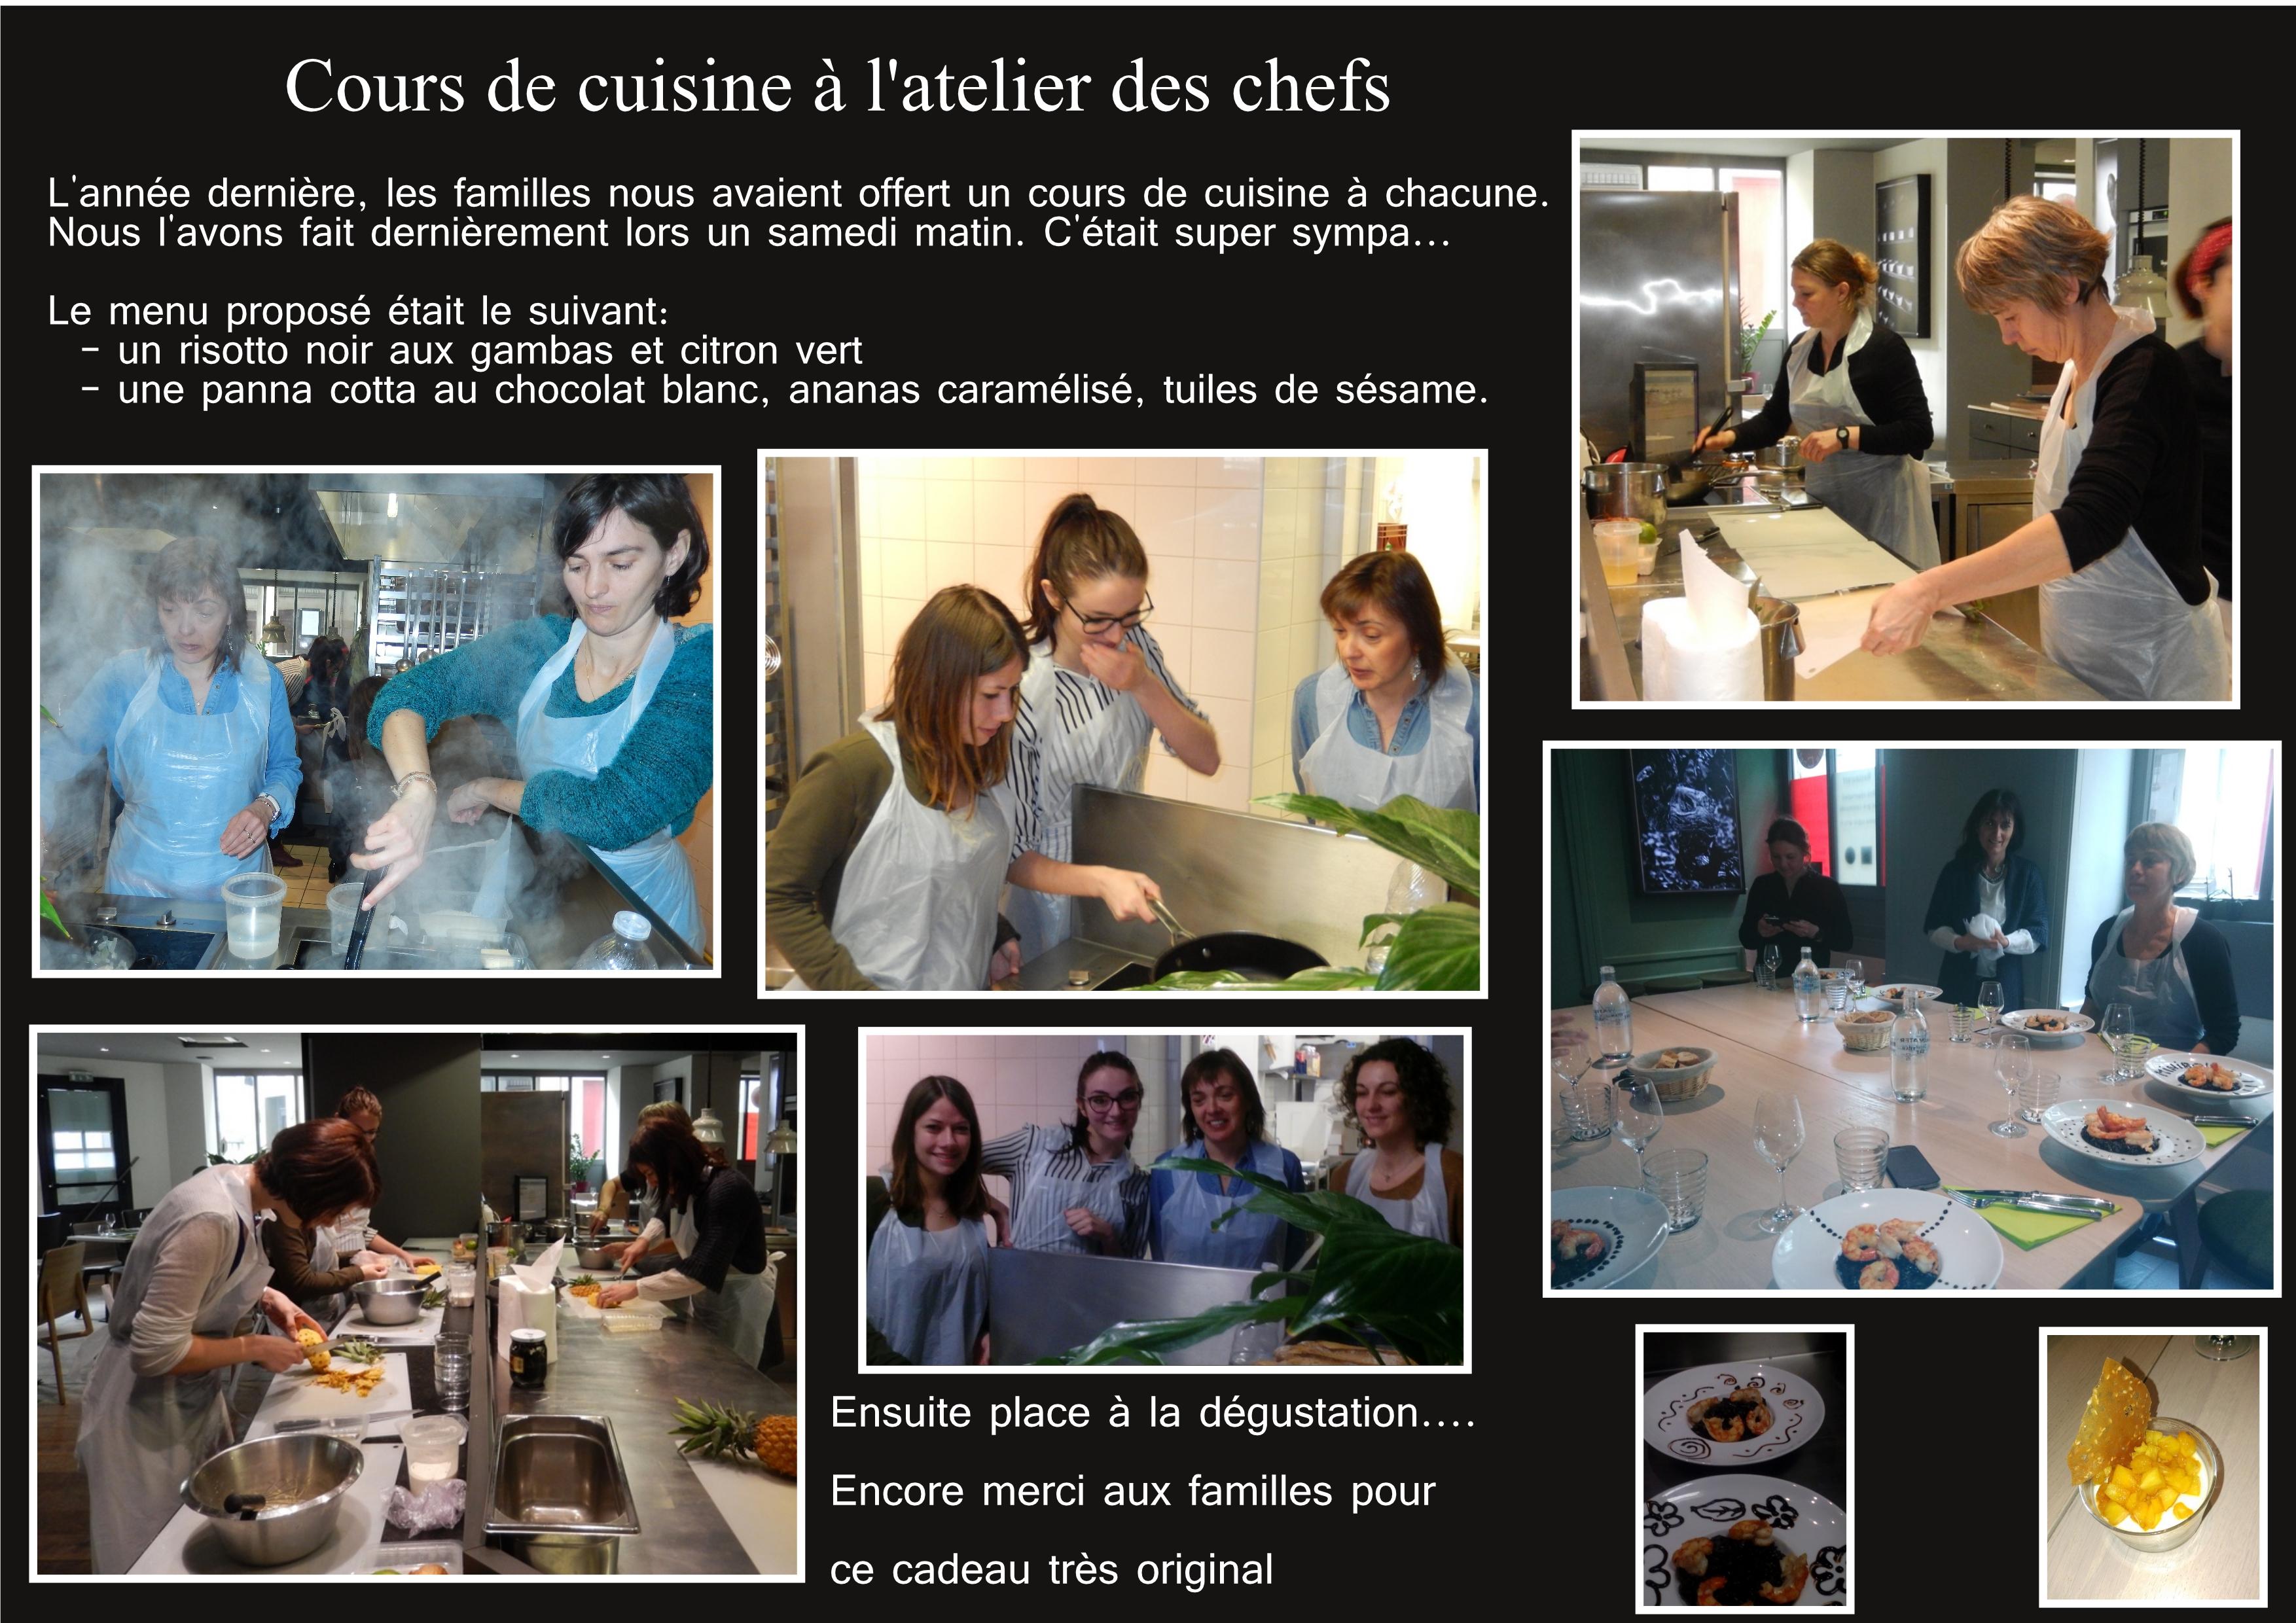 Cours de cuisine l atelier des chefs multi accueil - Cours de cuisine l atelier des chefs ...